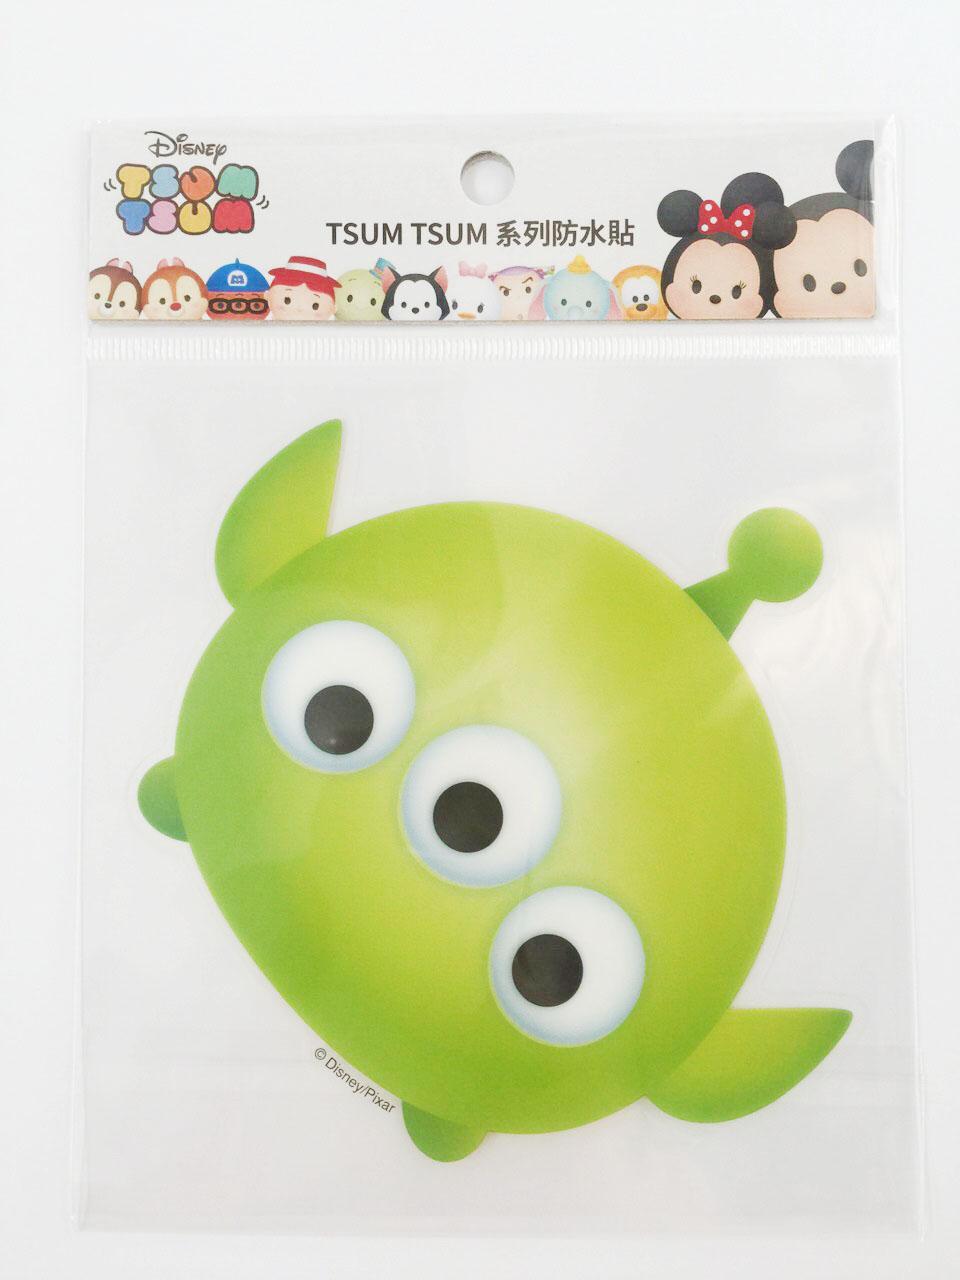 【真愛日本】16011200038  TSUM防水貼紙-三眼怪   玩具總動員 三眼怪 迪士尼 裝飾貼紙 PVC 貼紙